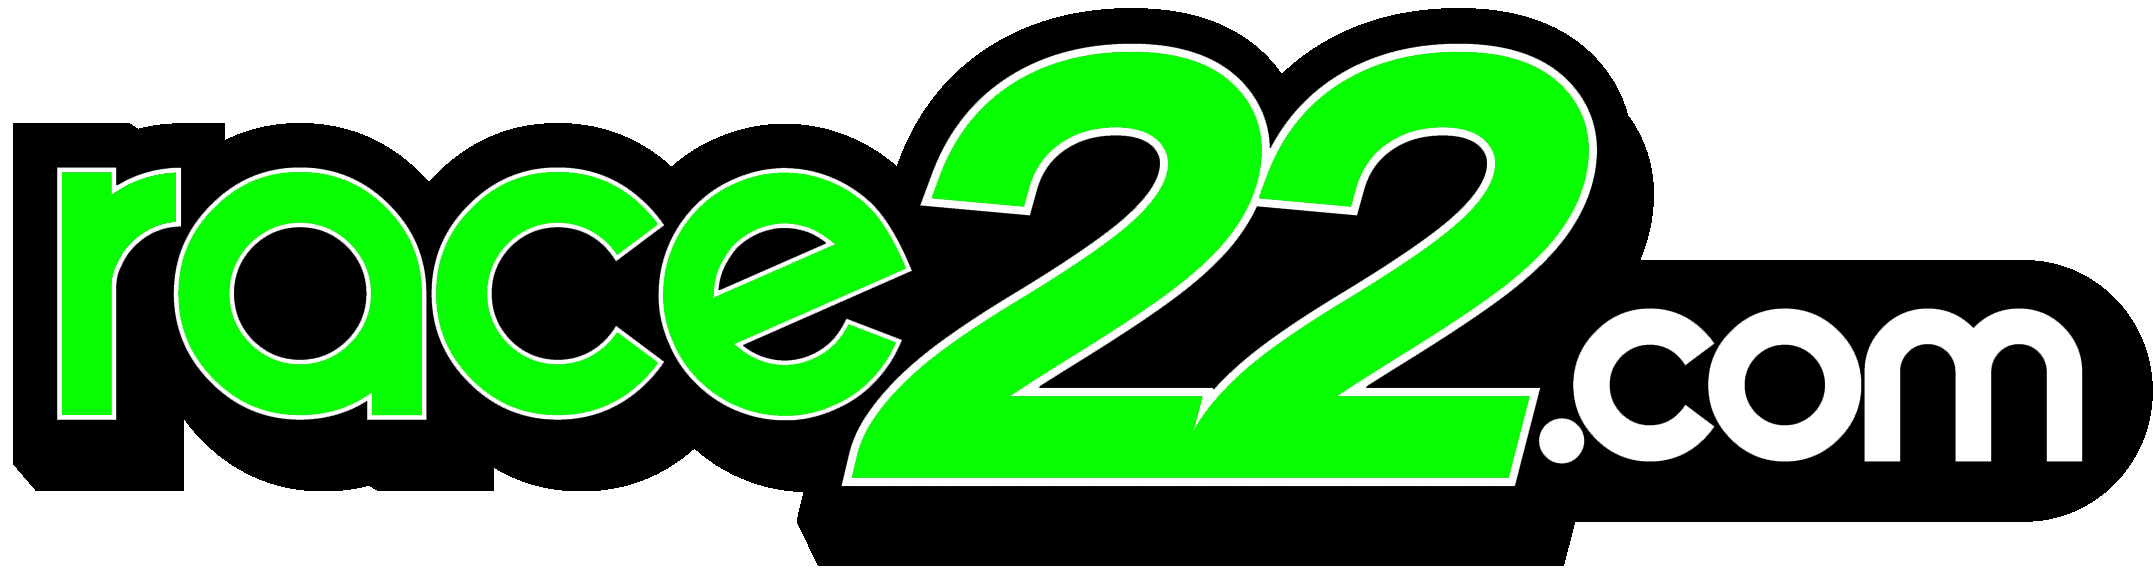 race22.com